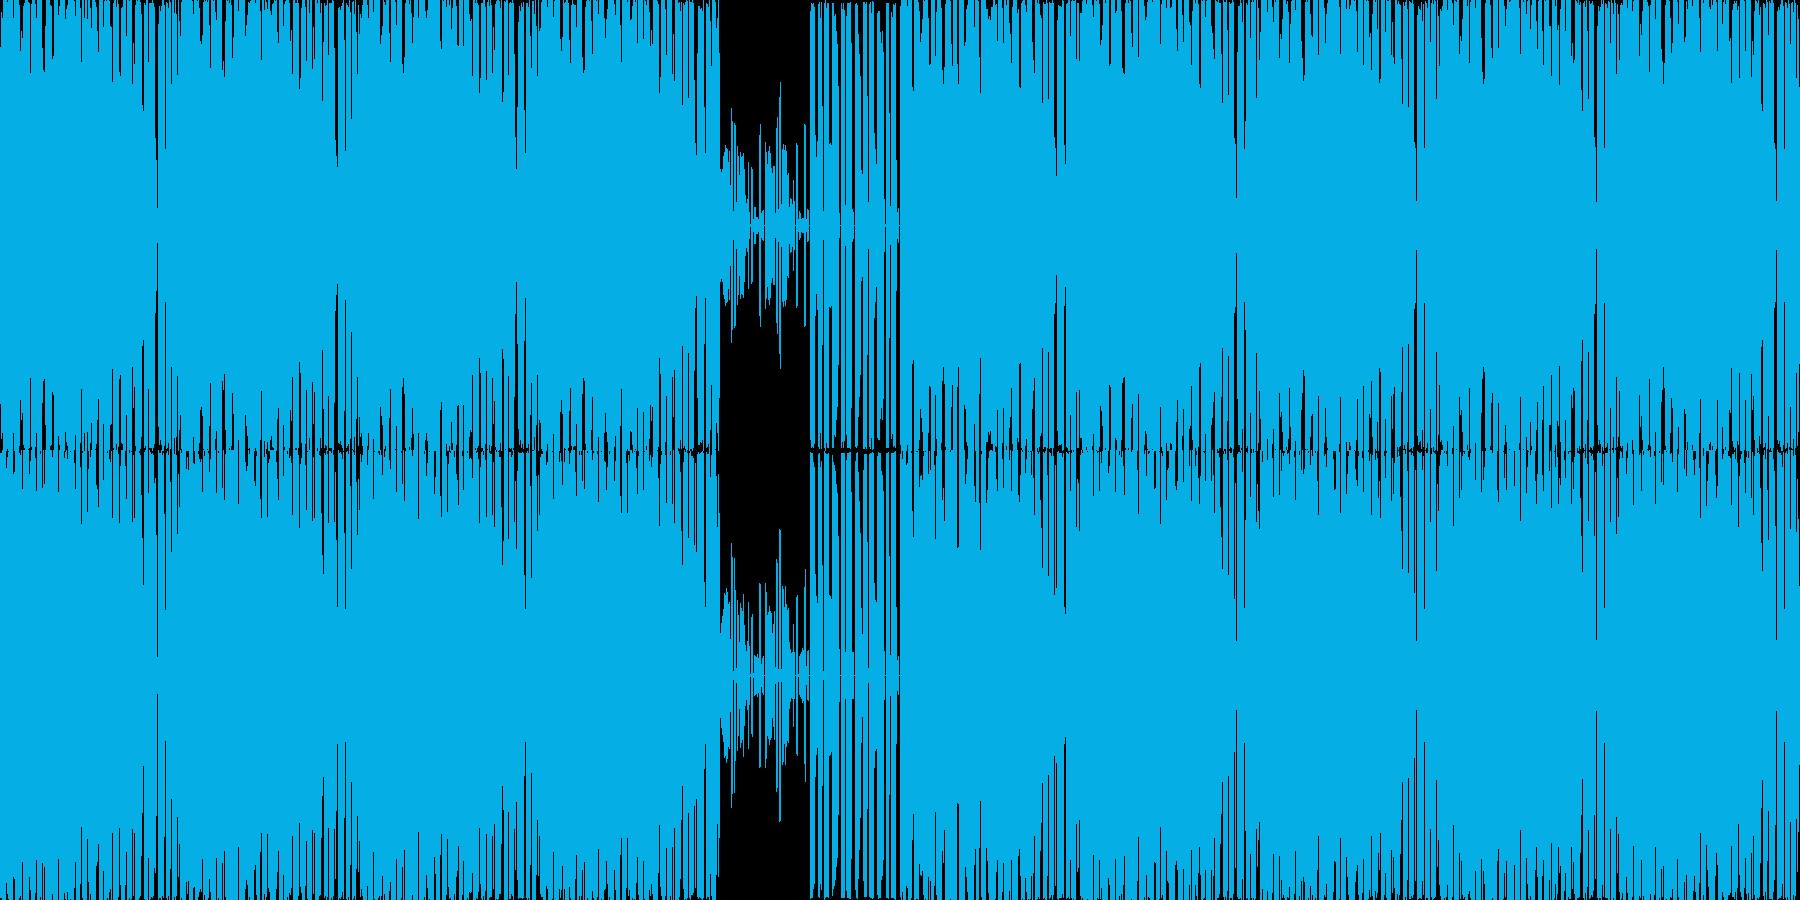 【スタイリッシュハウス・テクノ】の再生済みの波形